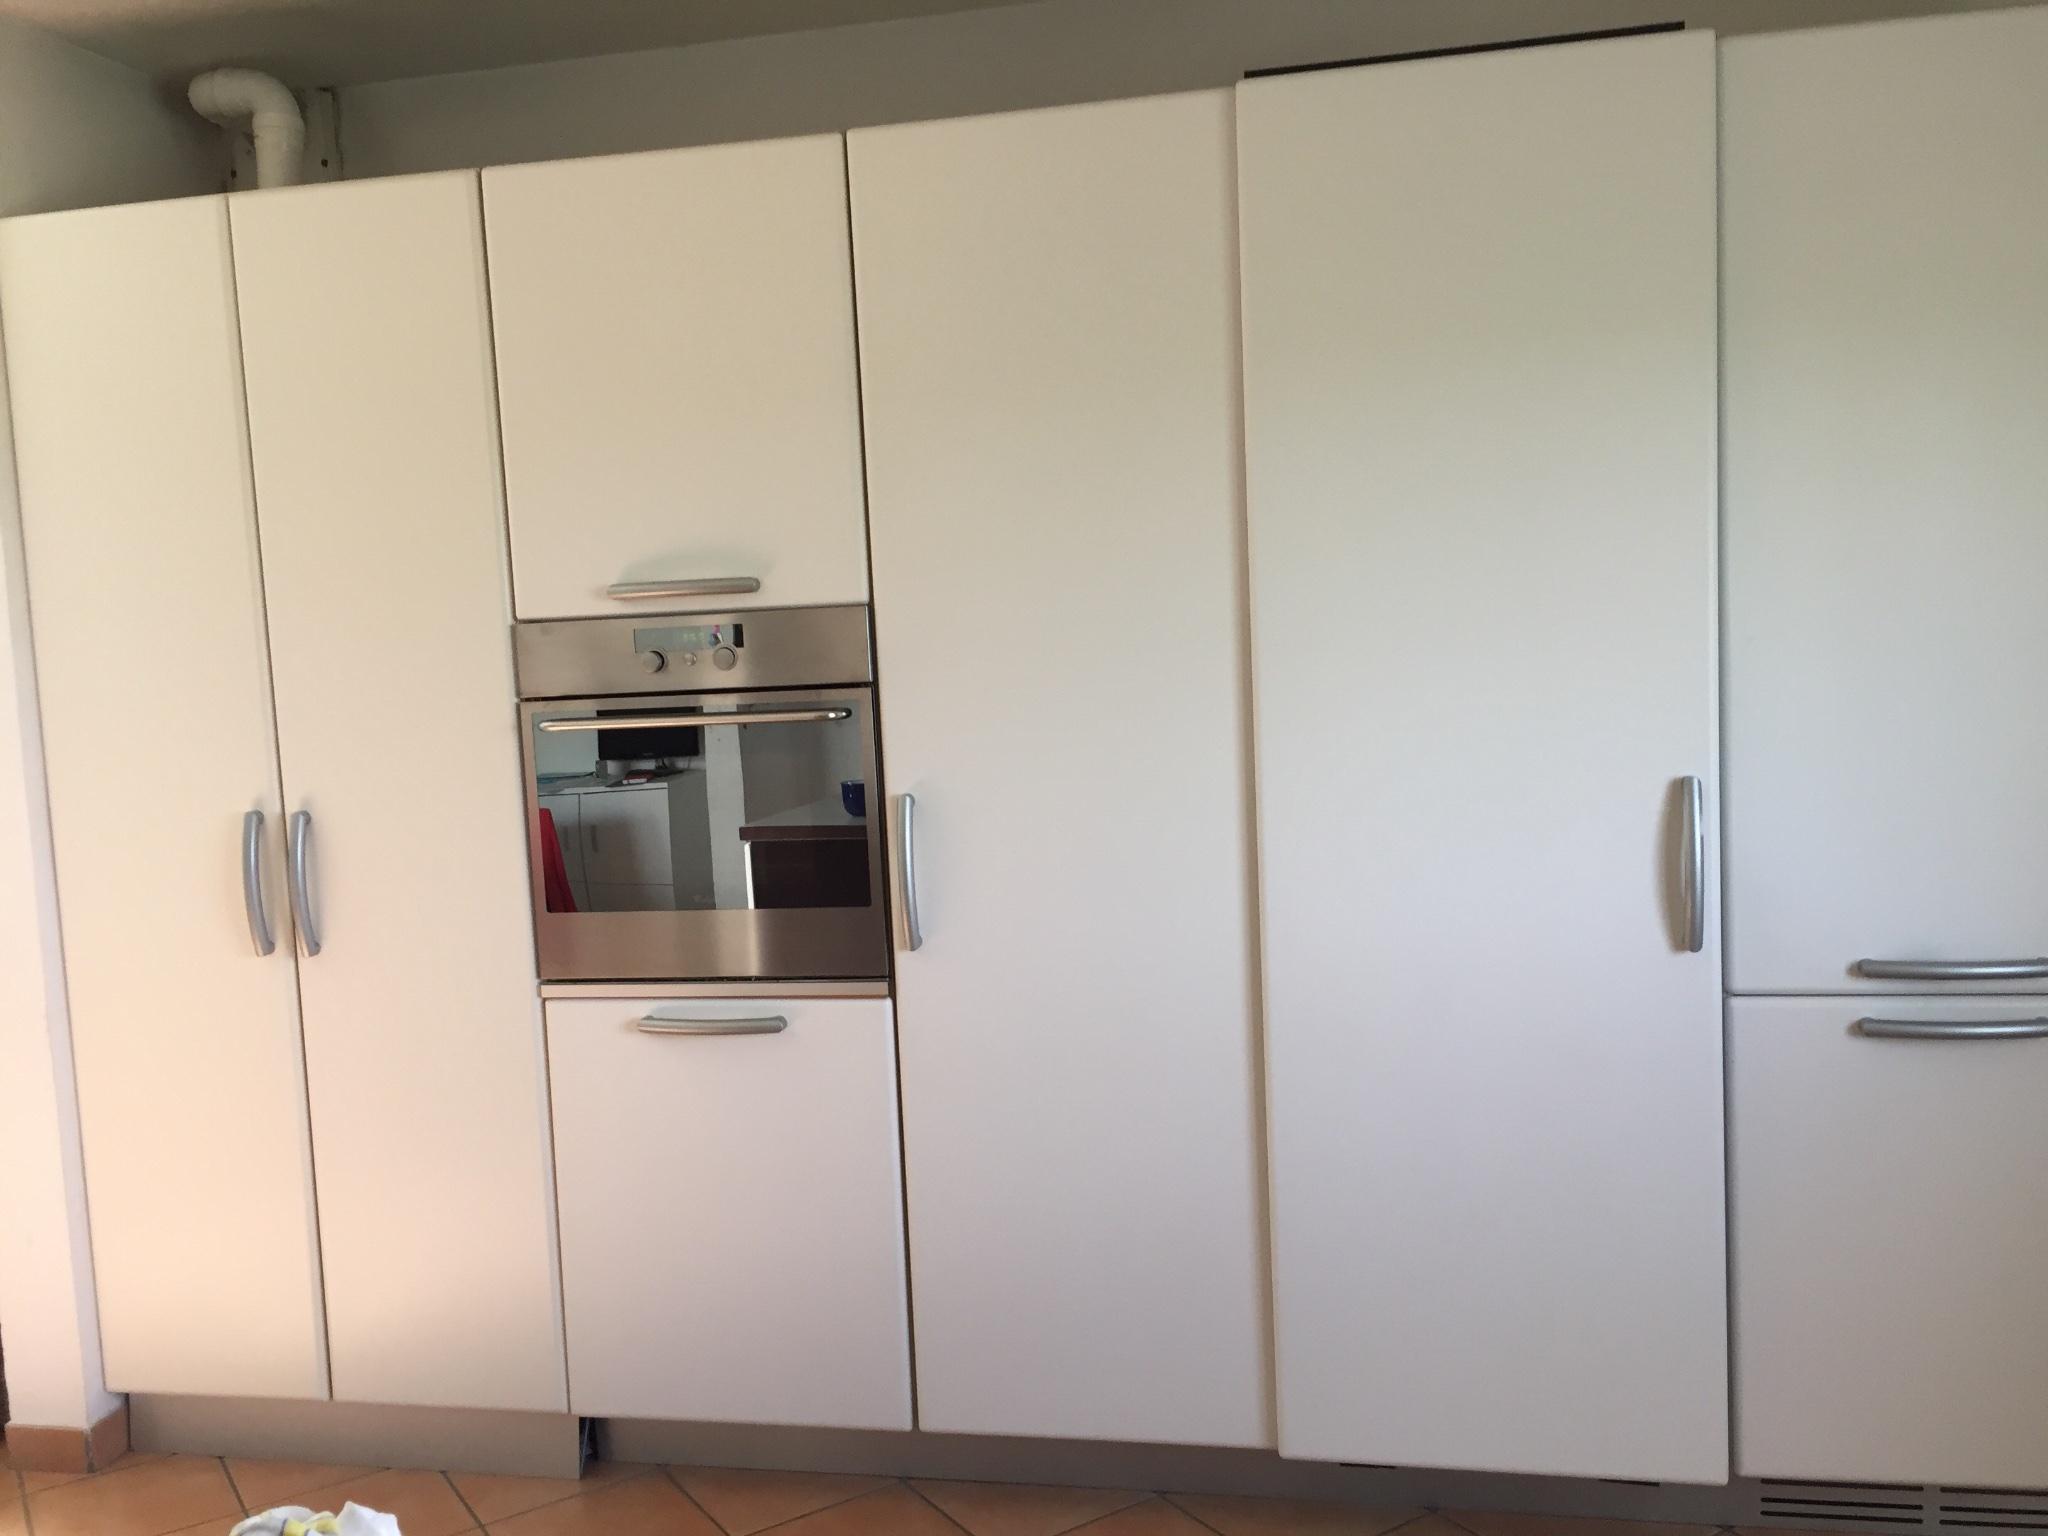 Laccatura mobili cucina - Instapro